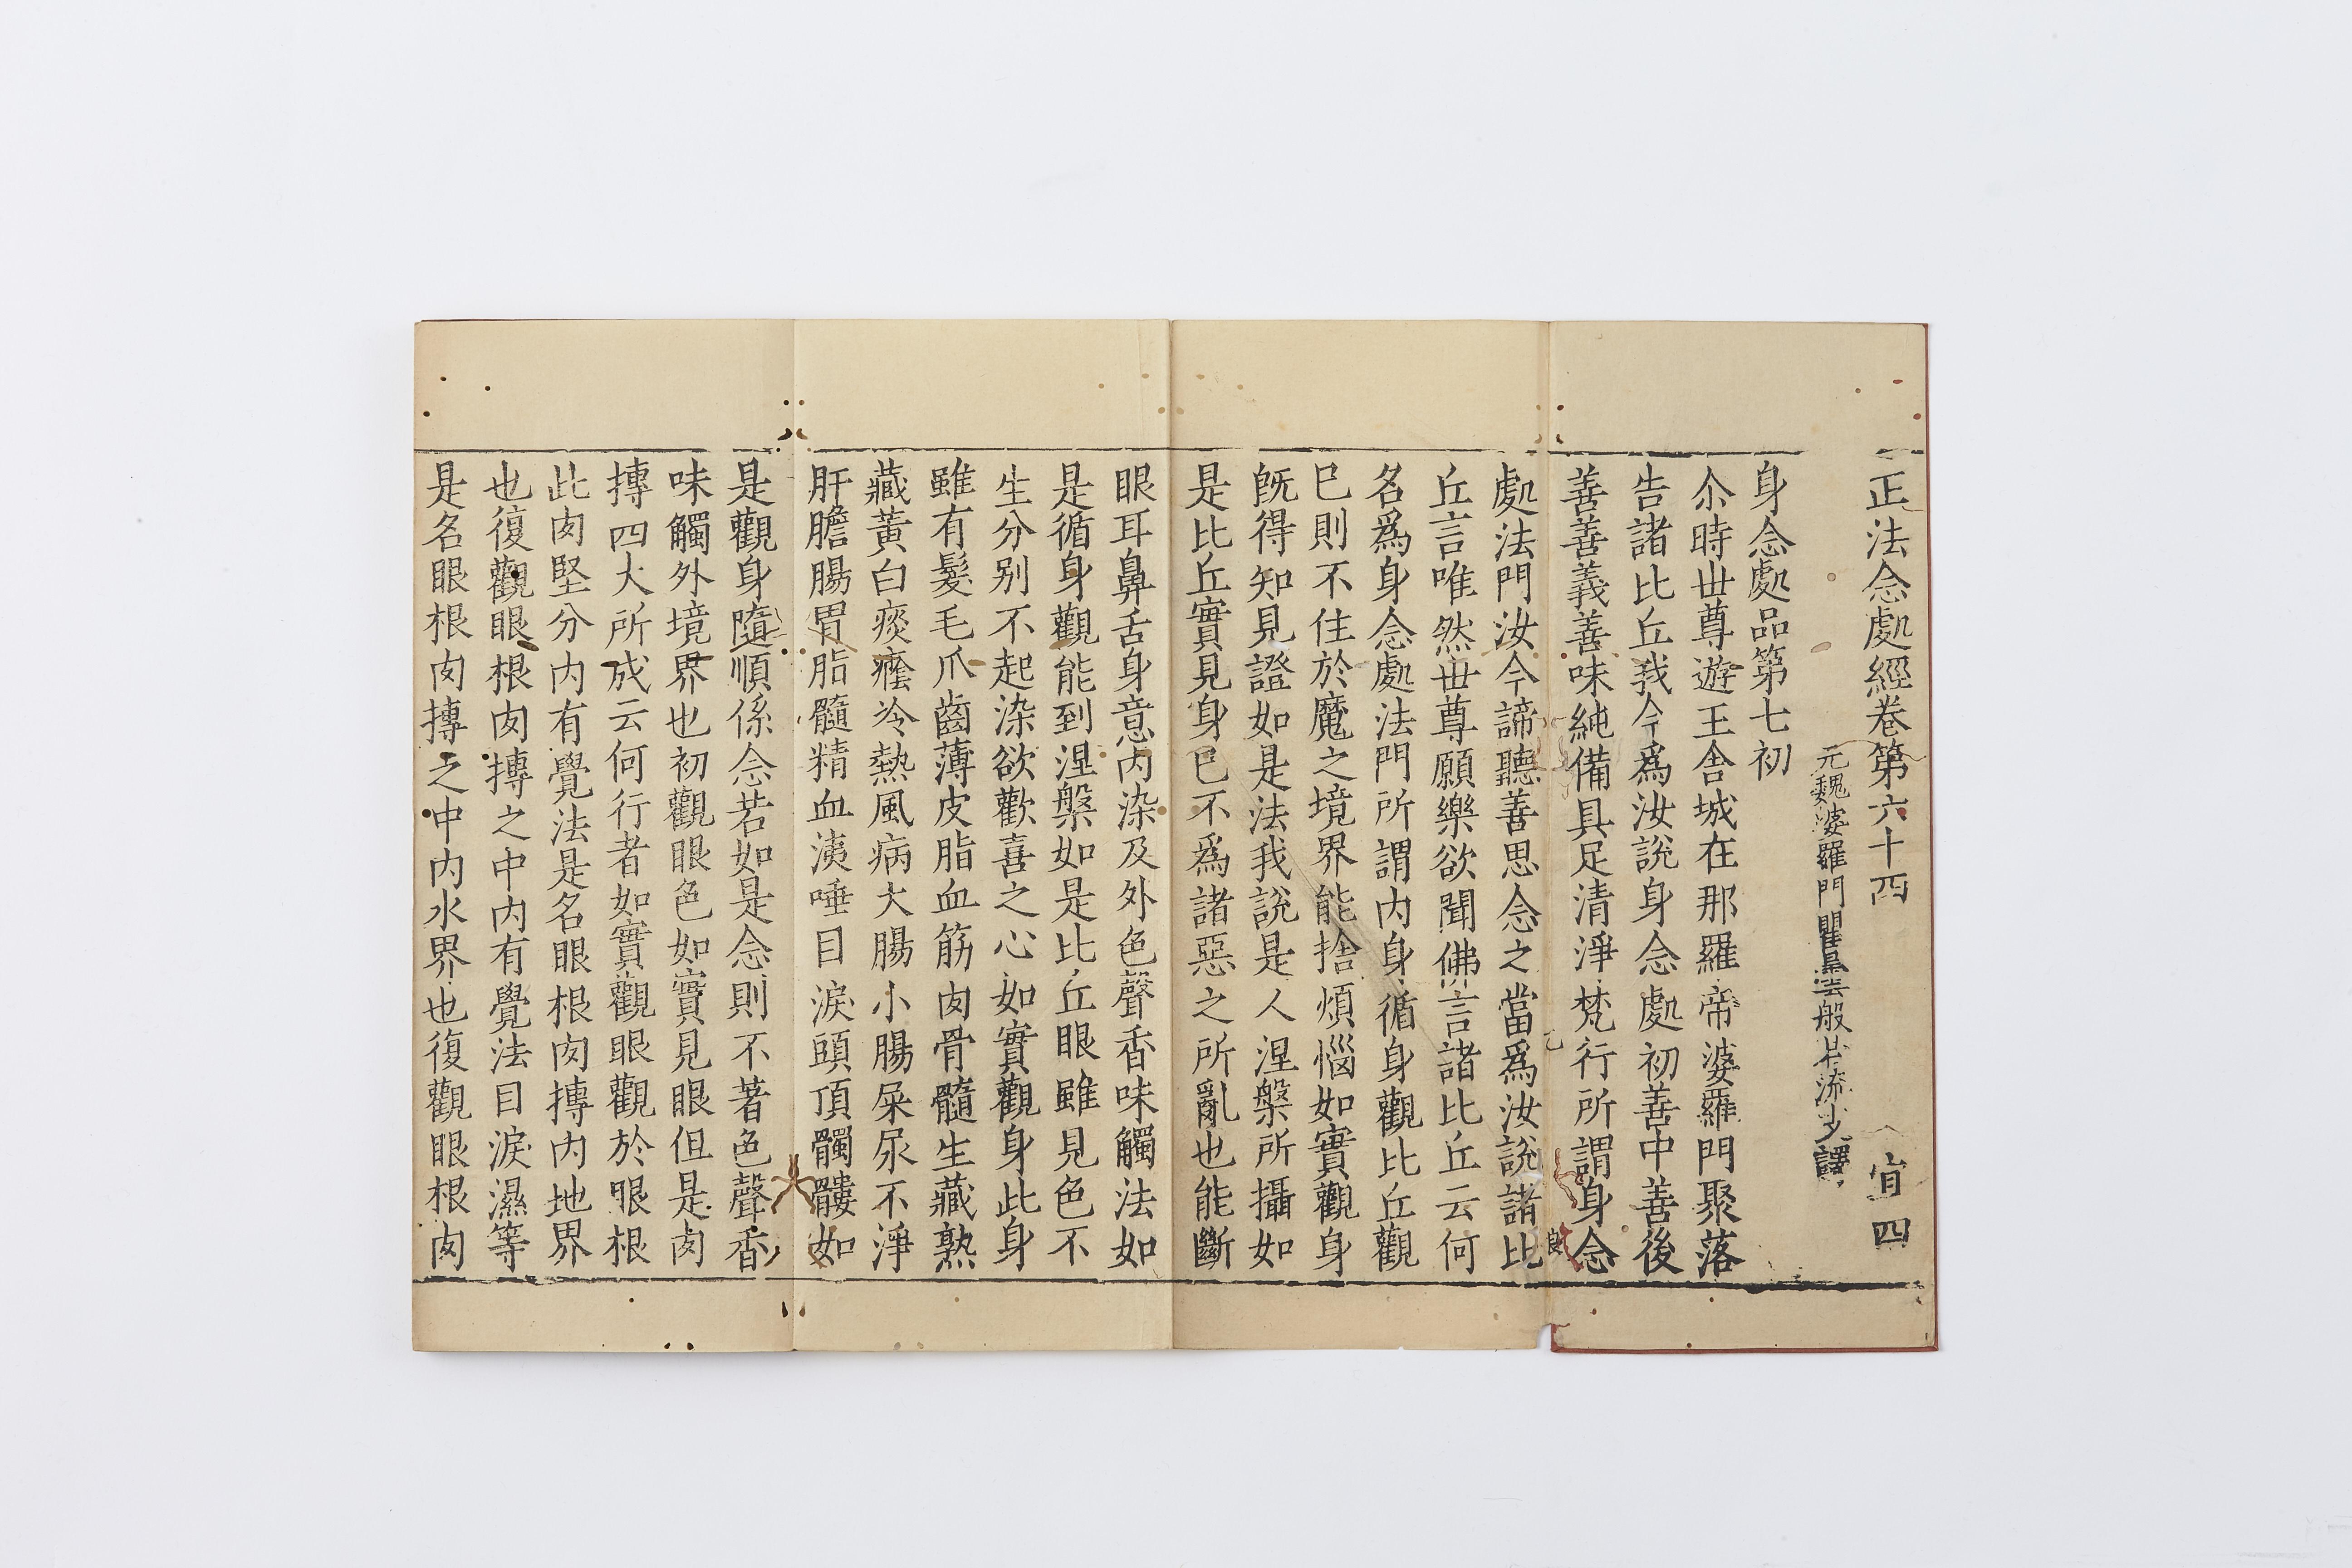 171310元版「正法念處経巻第六十四」